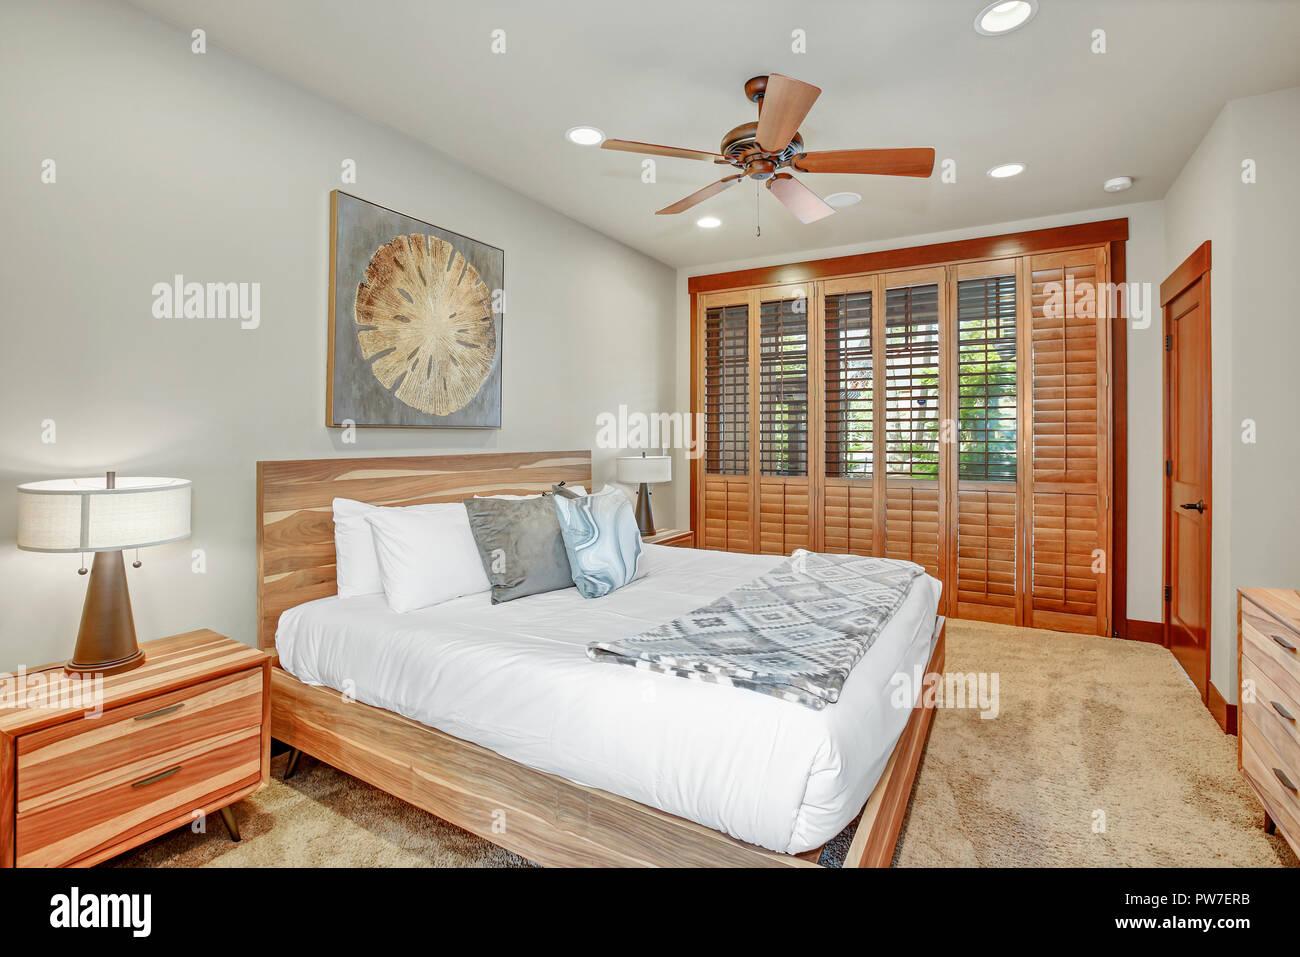 Gemutliche Schlafzimmer Verfugt Uber Grosses Holz Bett Mit Kopfteil